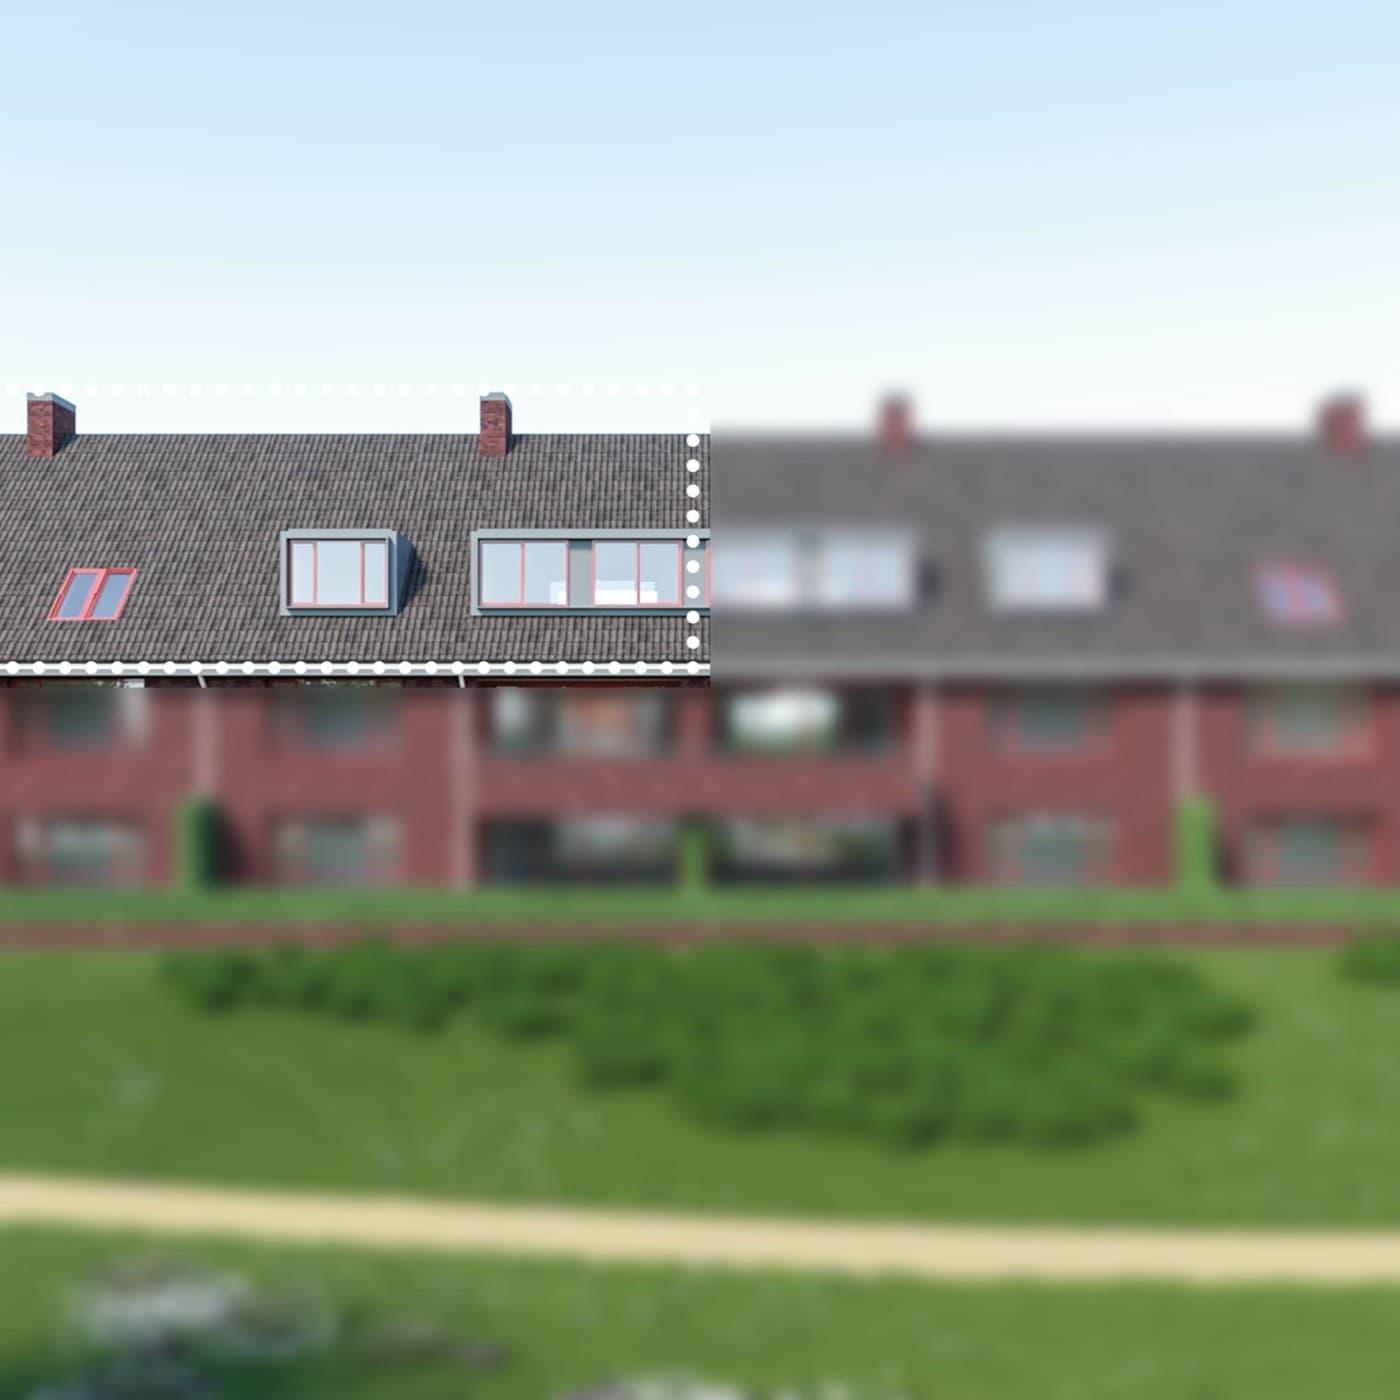 Buitengoed Beelden Aanzicht Stippellijn Lichtval28 E Front